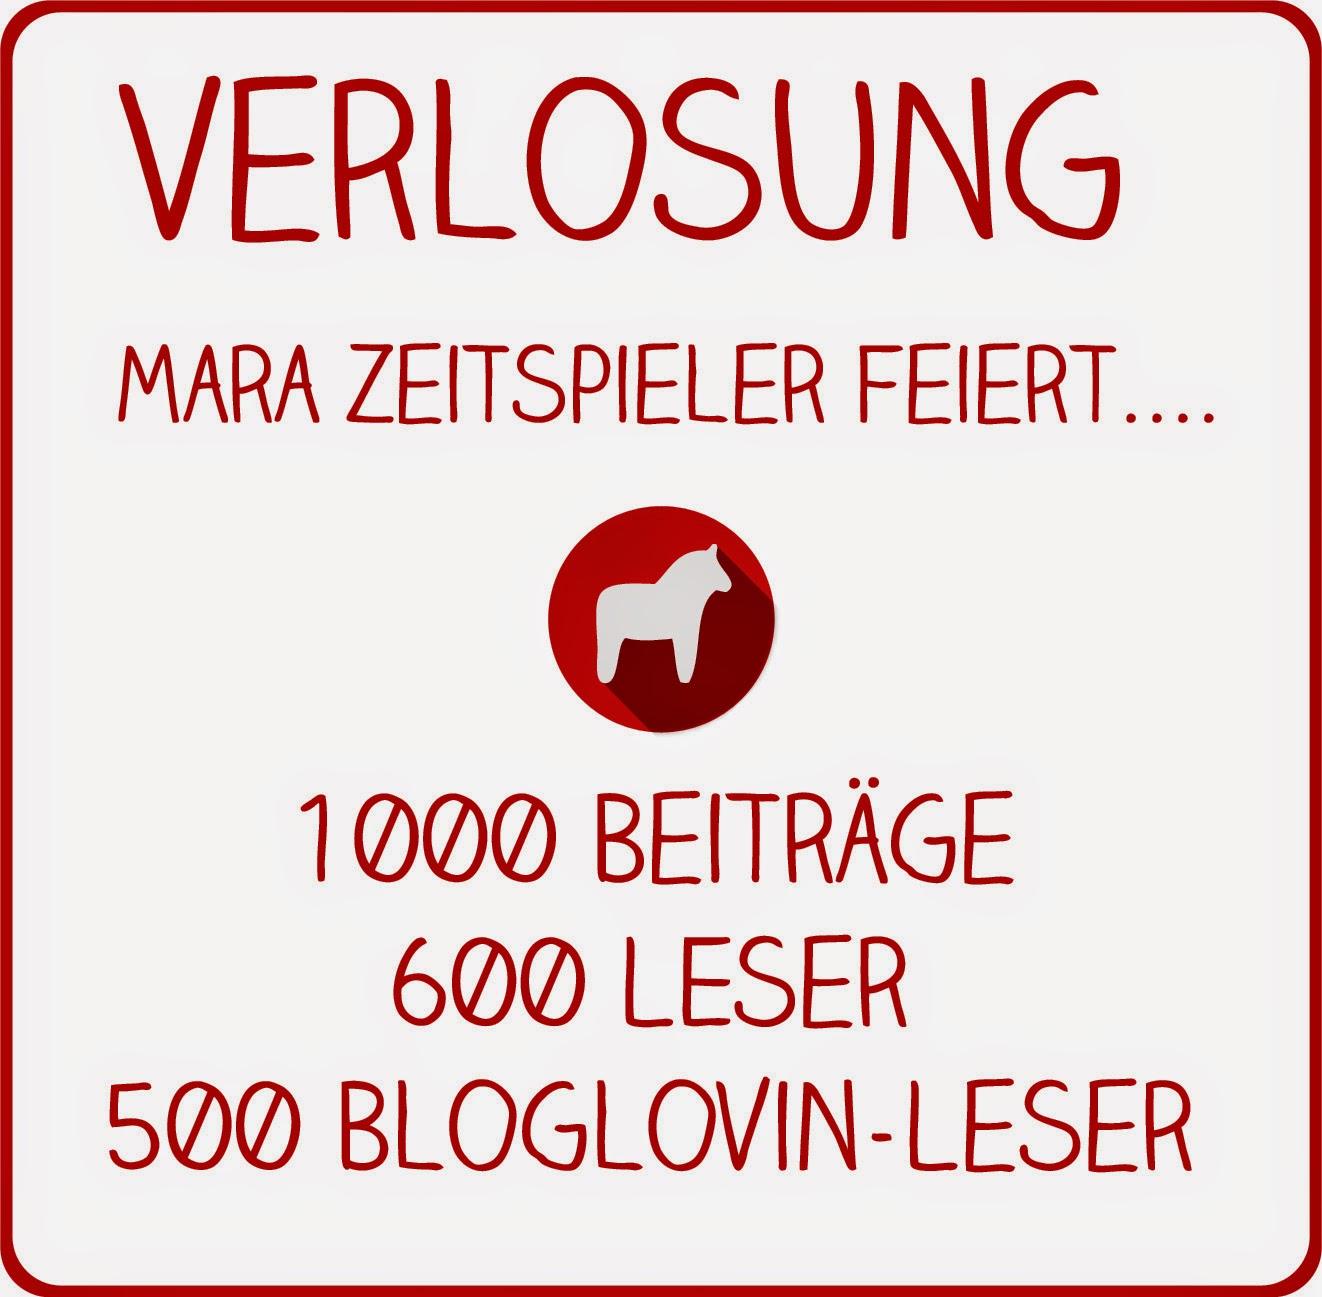 http://mara-zeitspieler.blogspot.de/2014/12/mara-zeitspieler-feiert1000-beitrage.html